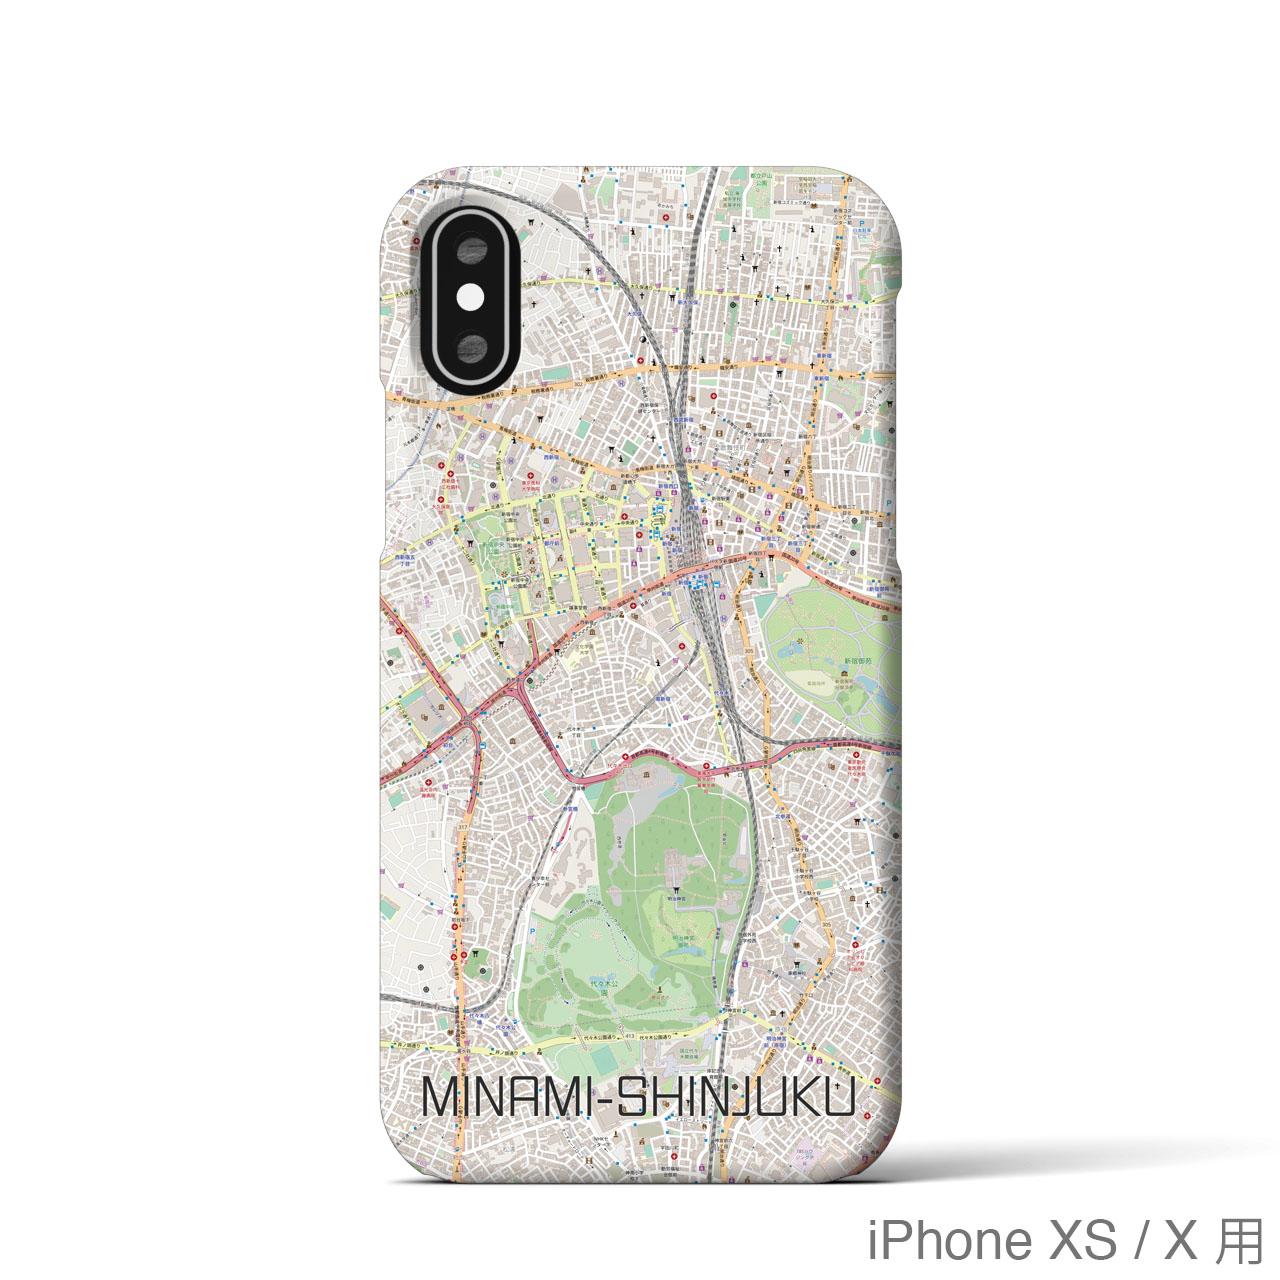 【南新宿】地図柄iPhoneケース(ナチュラル)